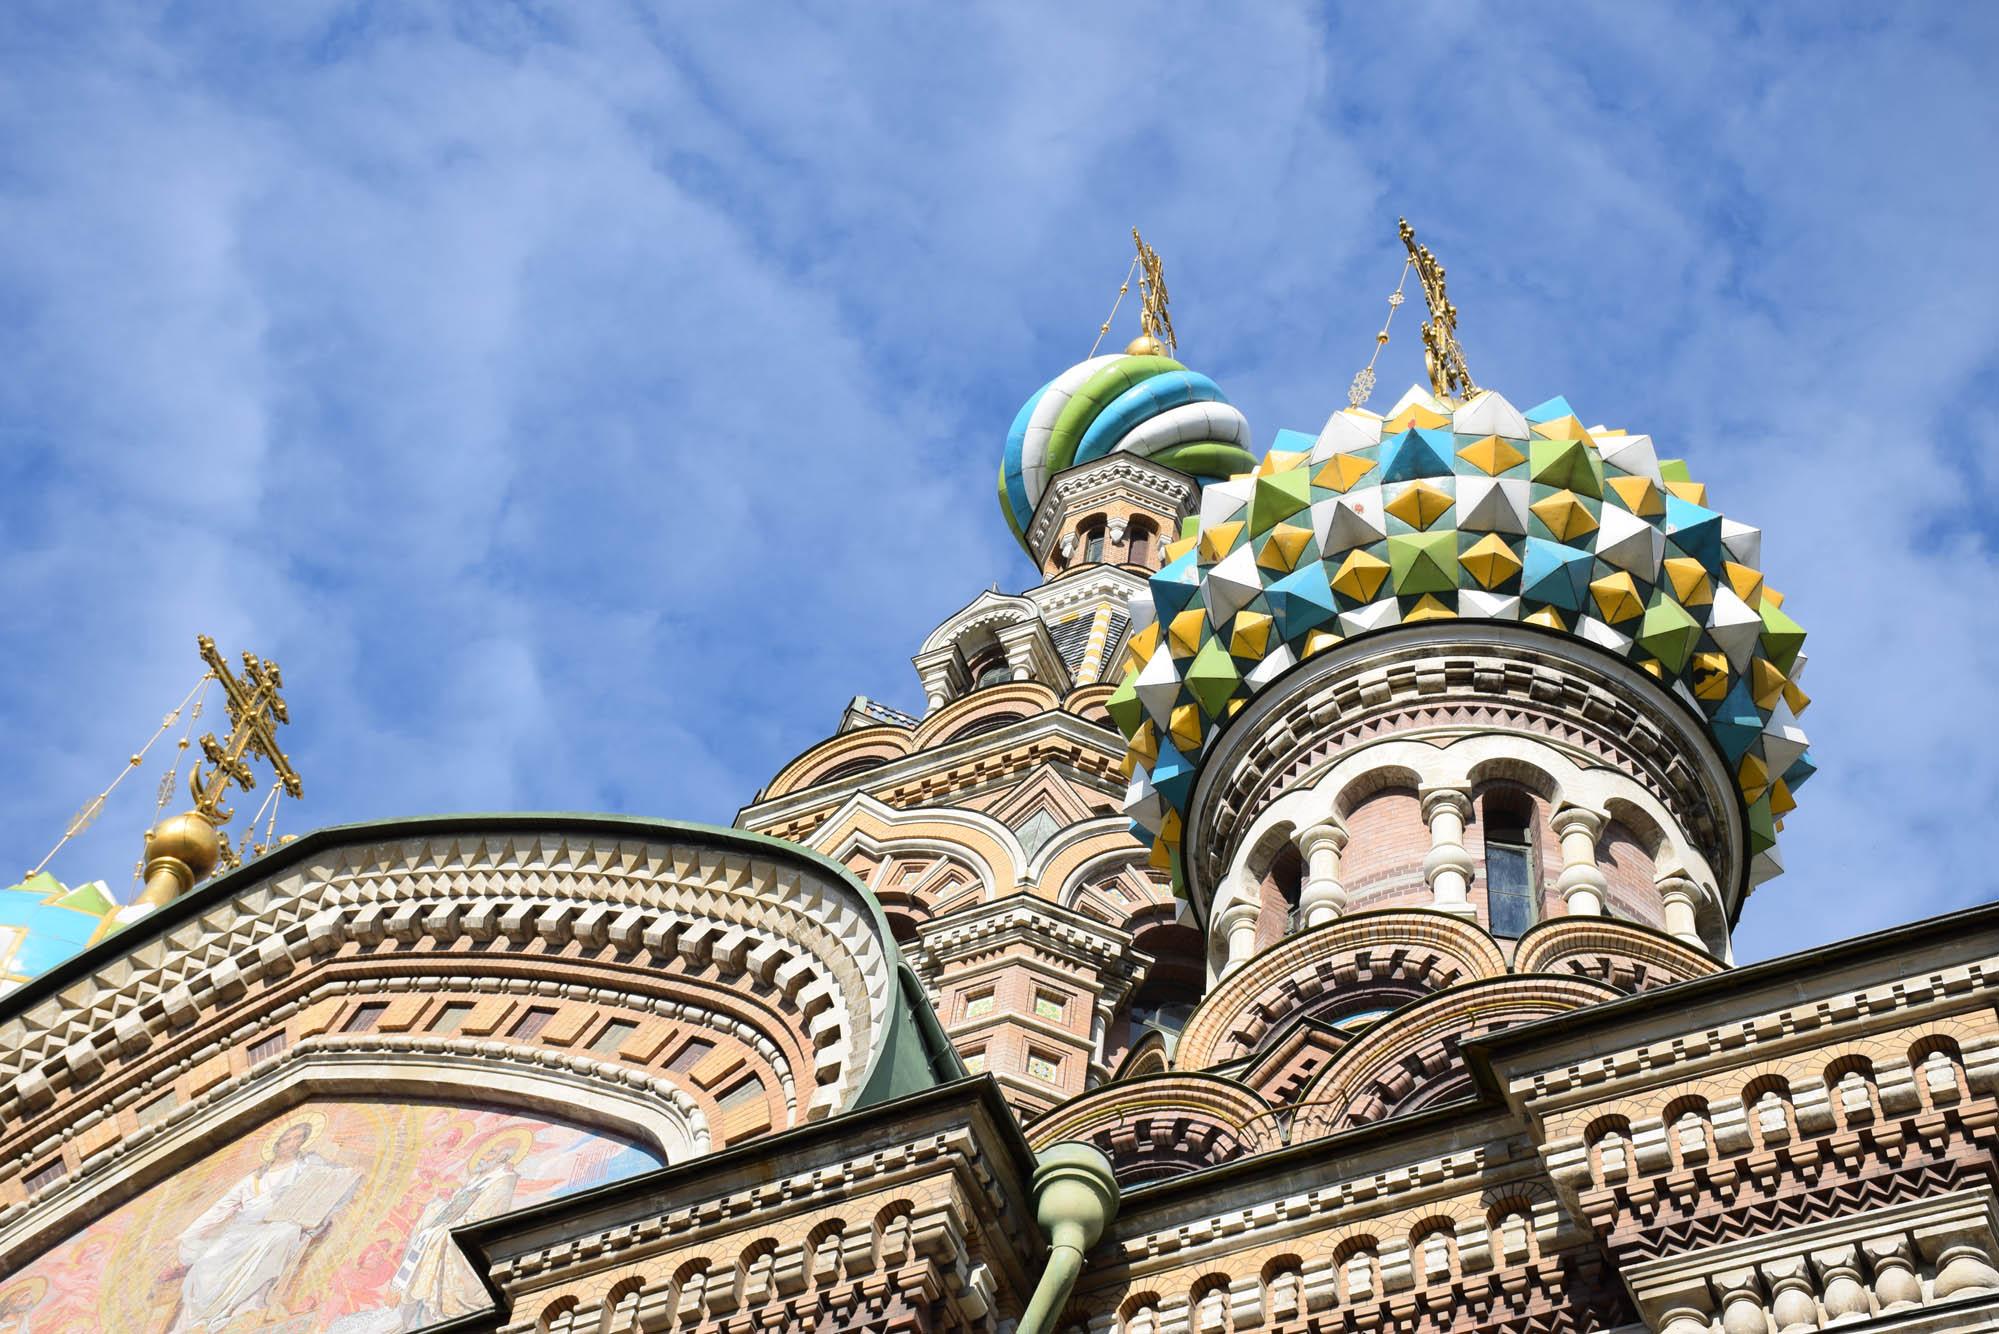 igreja do sangue derramado sao petersburgo - dicas da russia